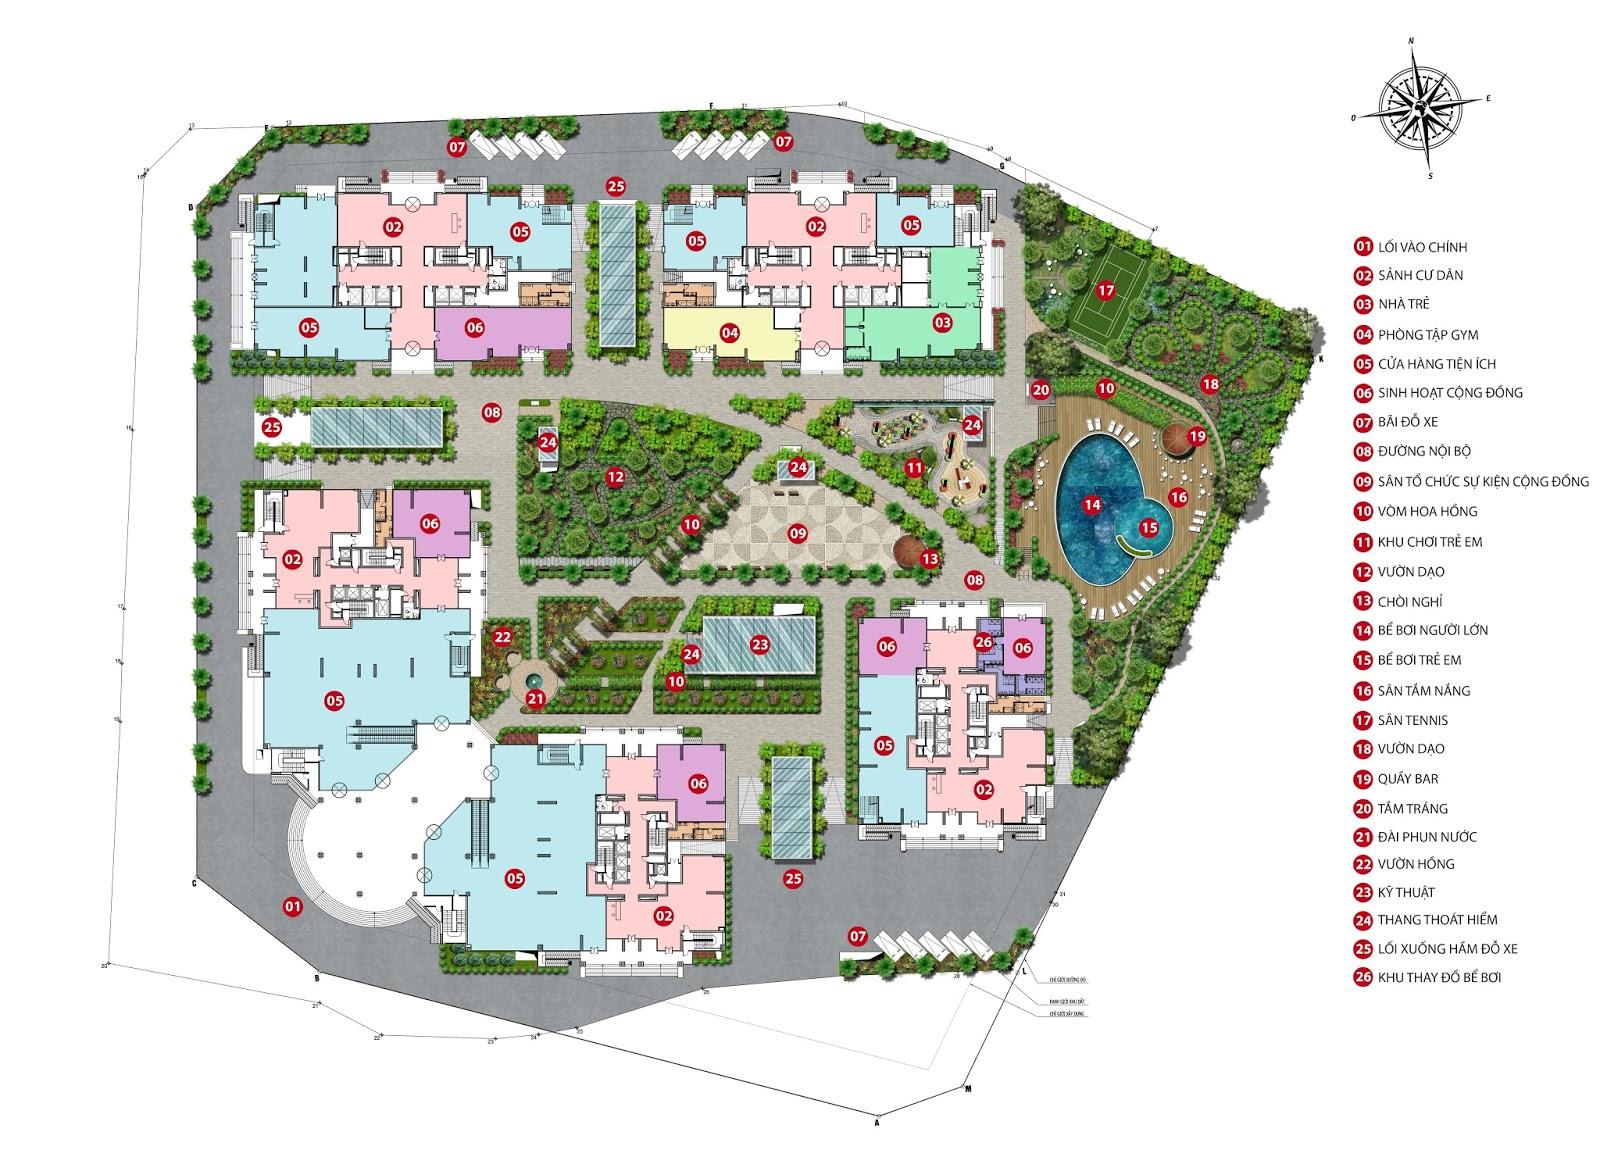 Mặt bằng tổng quan dự án chung cư Irsi Garden